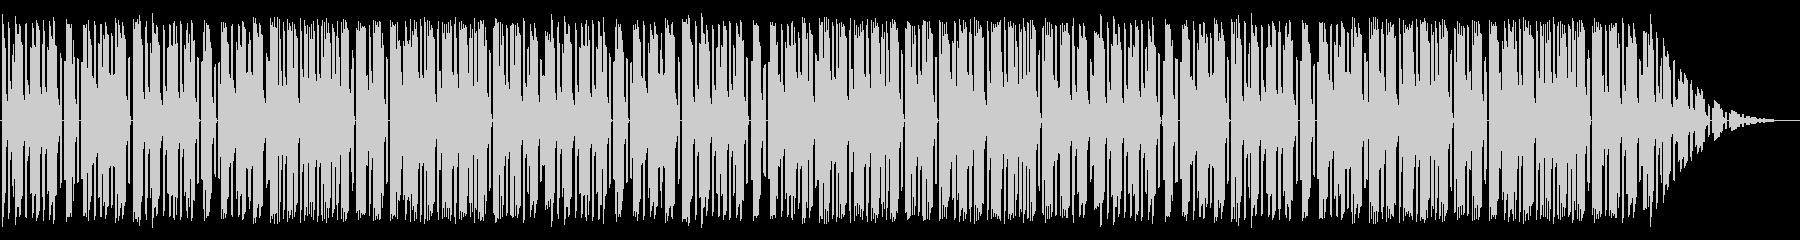 NES 汎用 C04-1(ステージ3) の未再生の波形